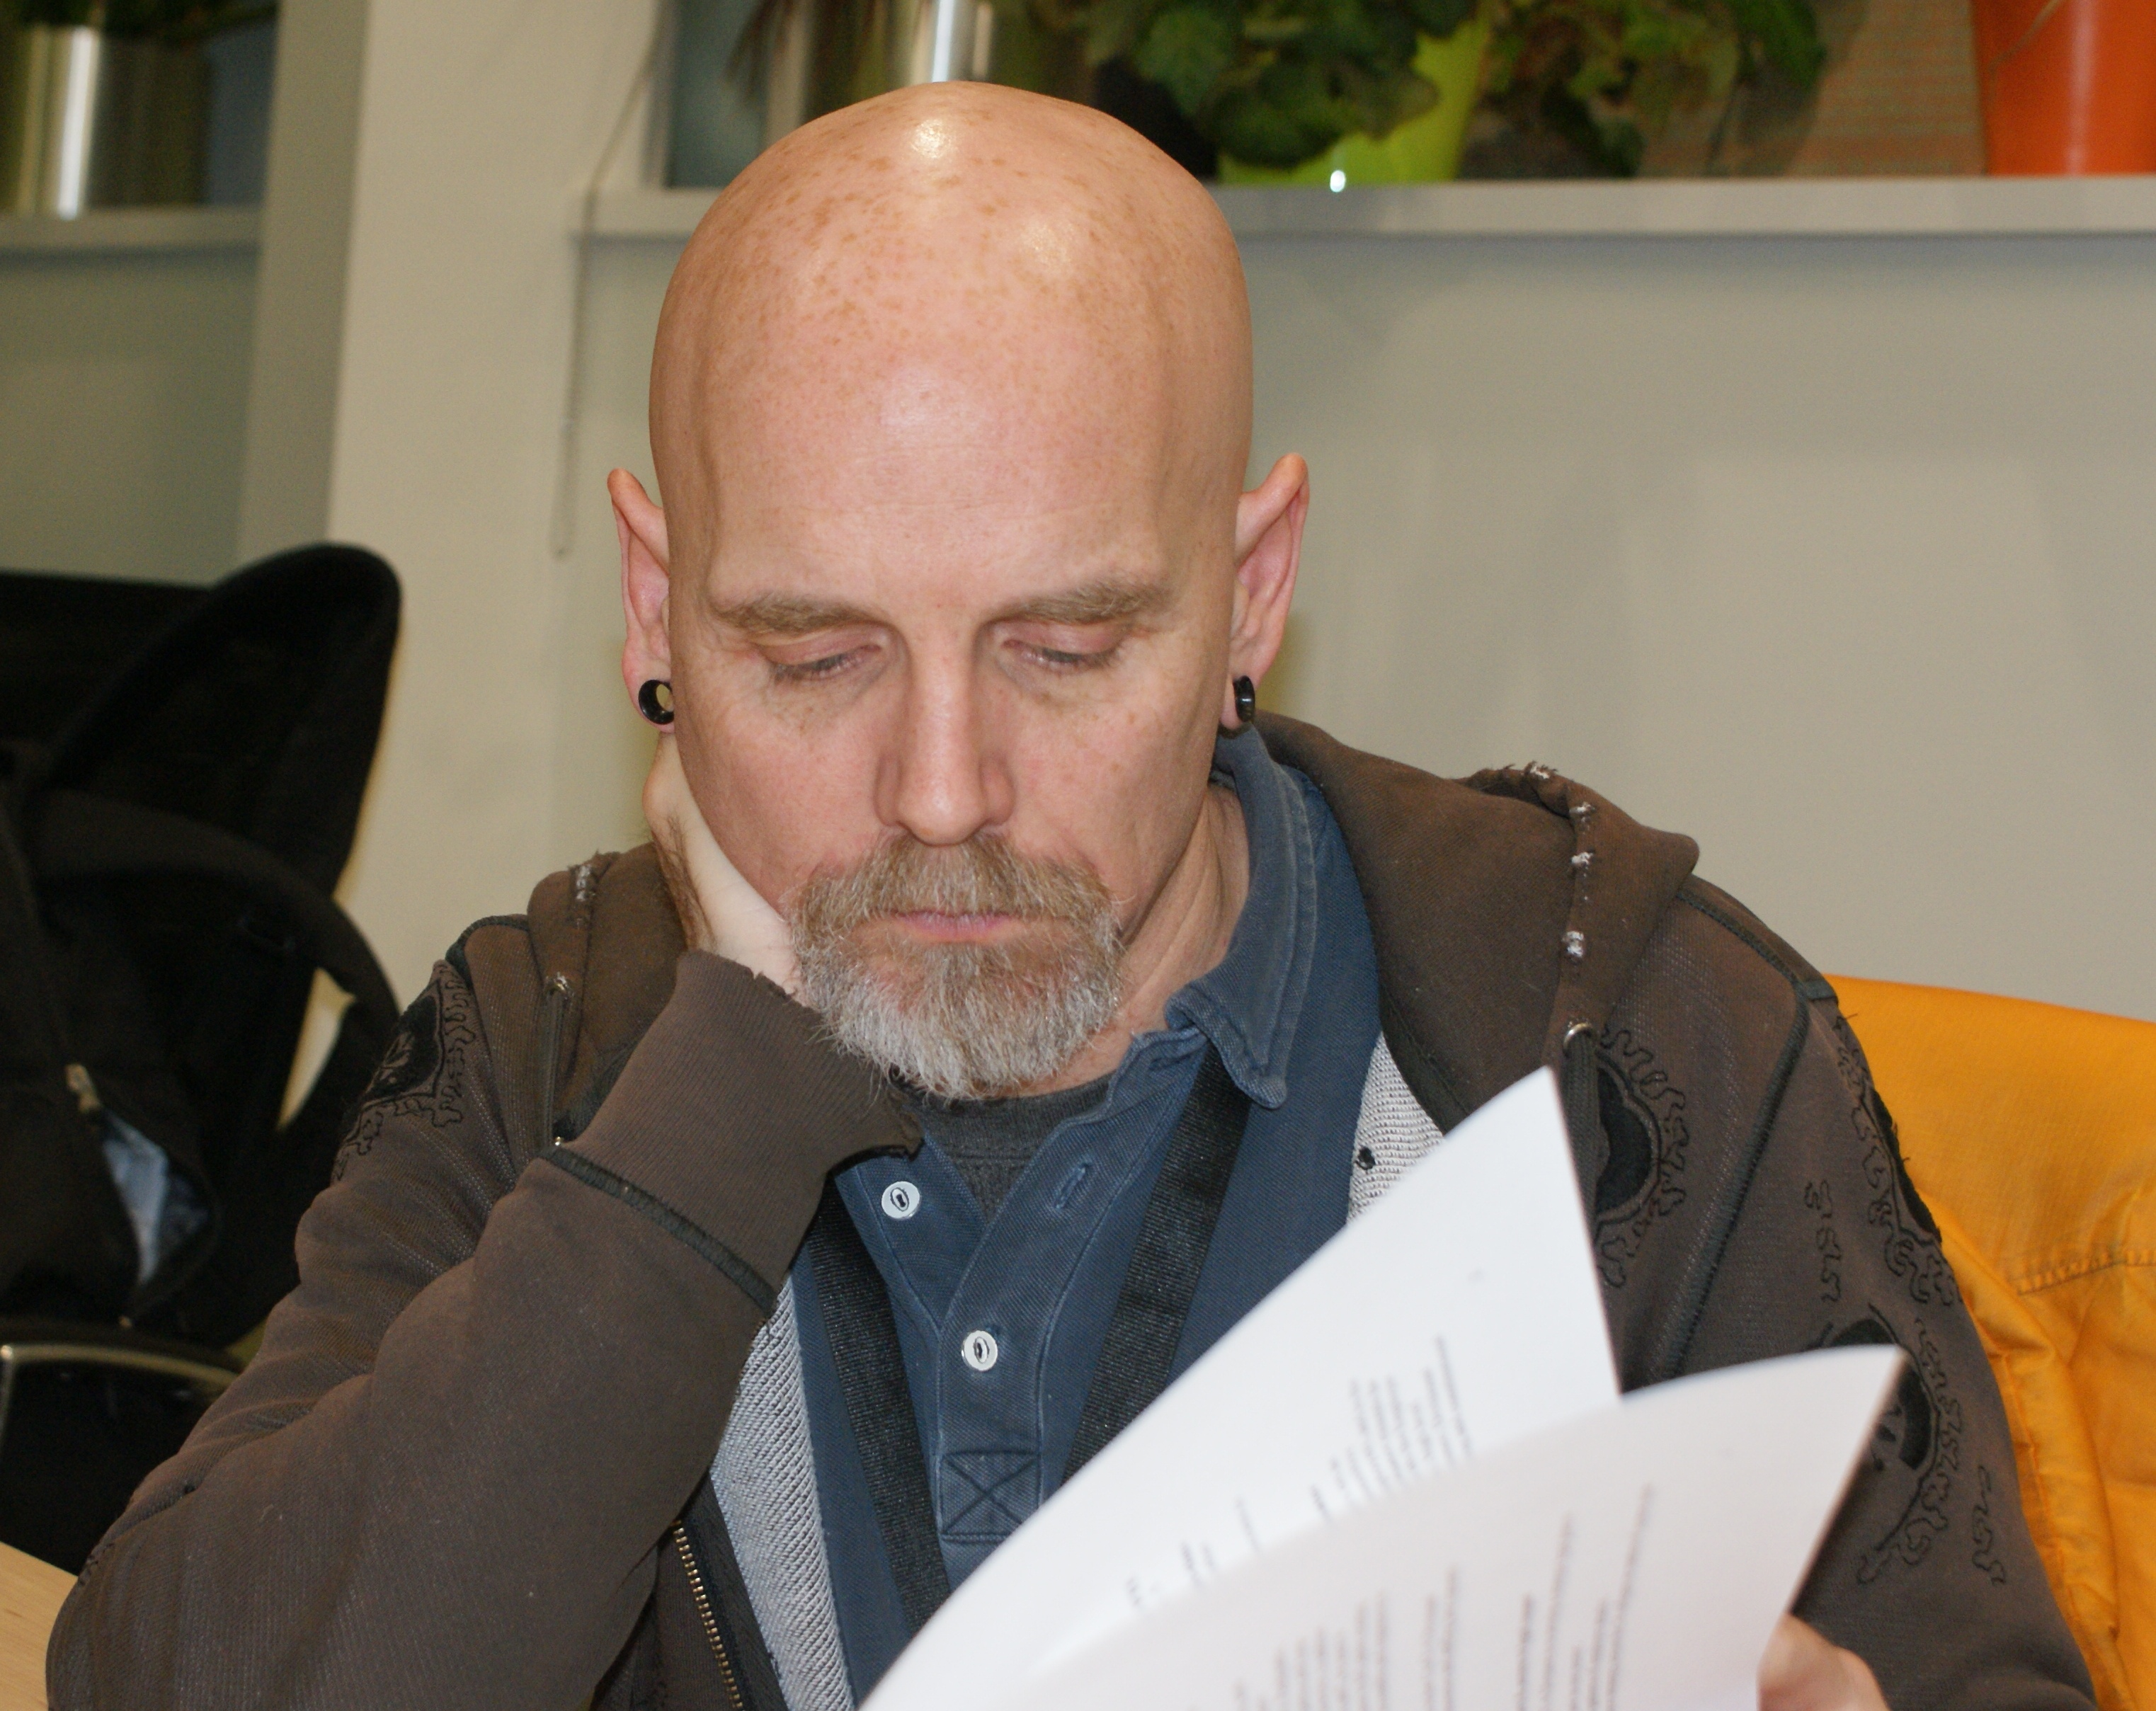 Paul Petrie